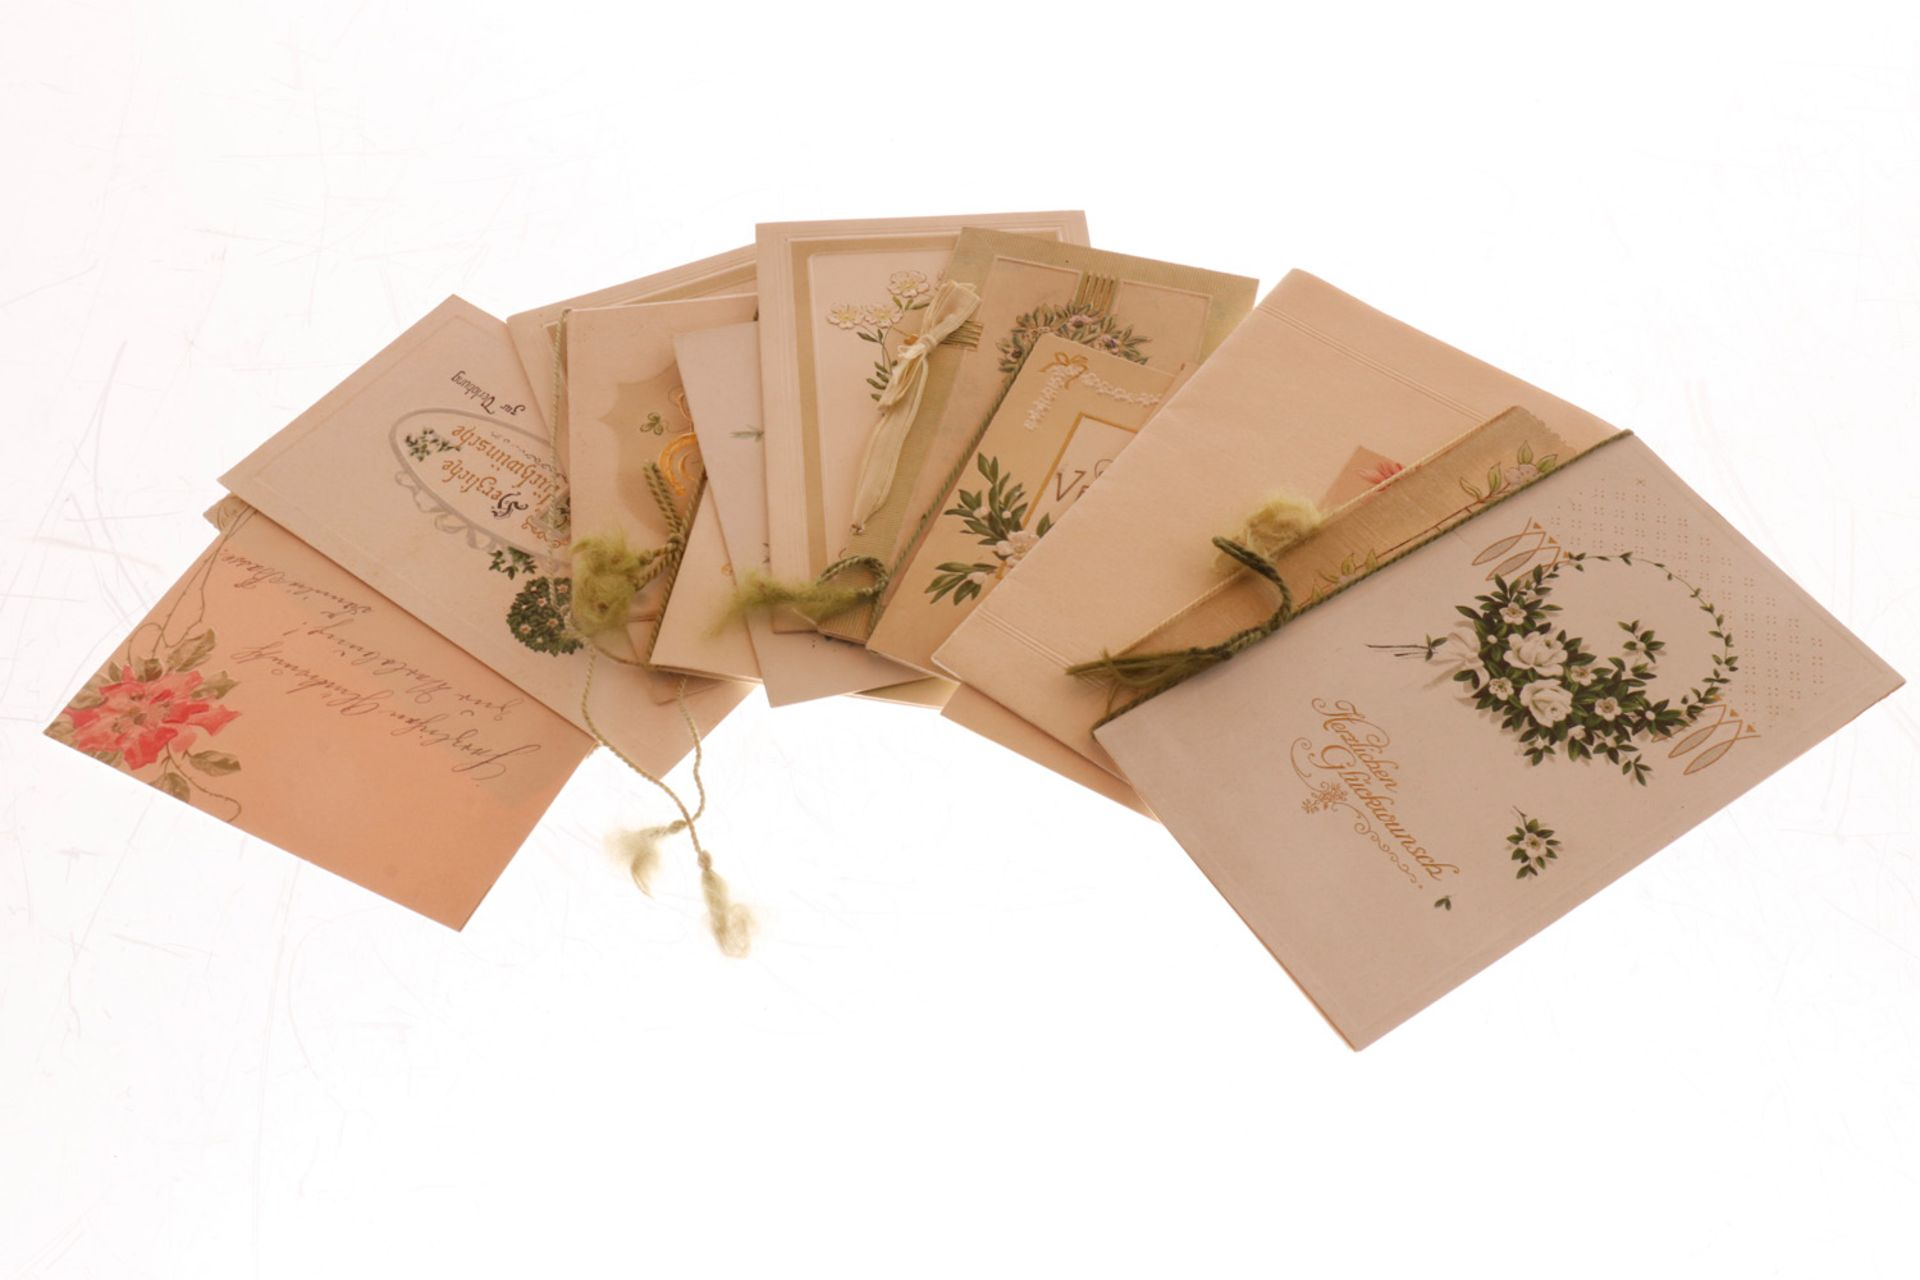 Konv. 15 Glückwunschkarten, um 1900 bis ca. 1920, tw polychromer Prägedruck, leichte Alterungs-